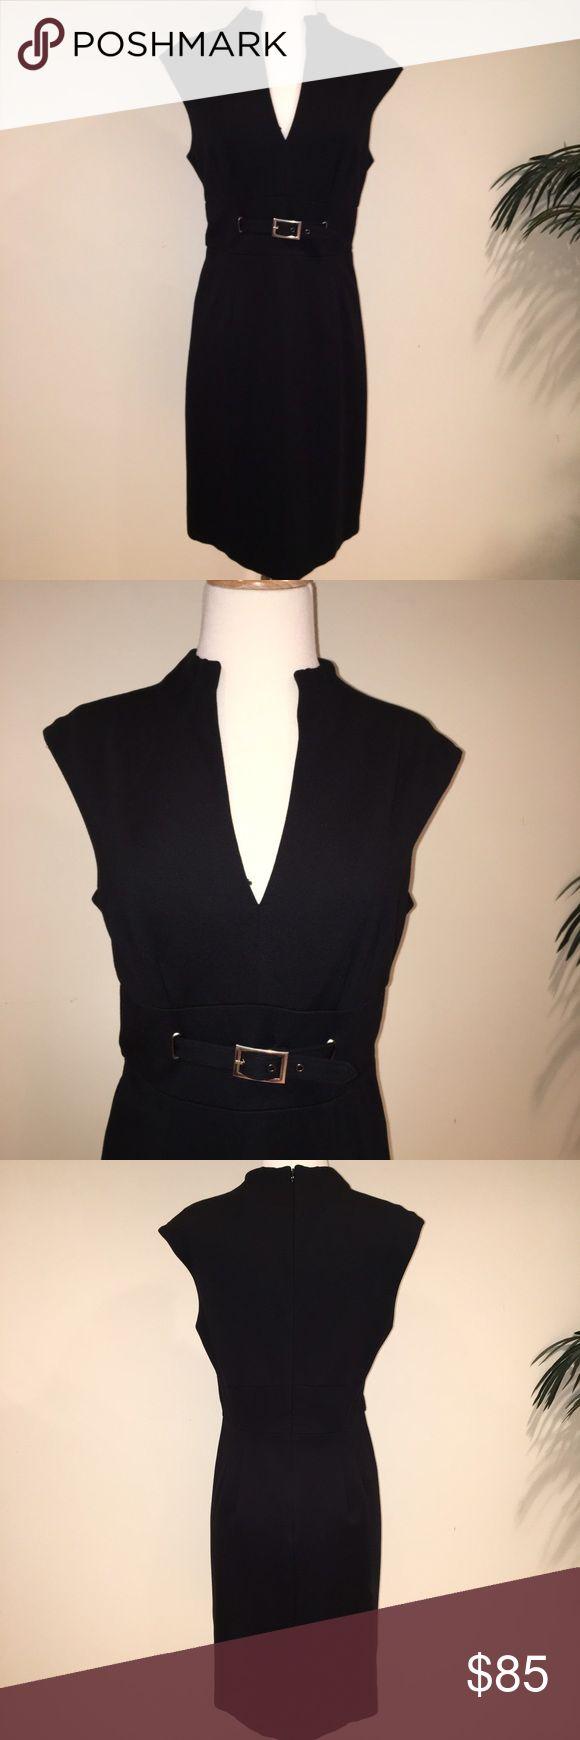 Trina Turk black pencil dress Trina Turk black pencil dress wit low V cut neck and belt detail. Great dress! Excellent condition! Trina Turk Dresses Midi